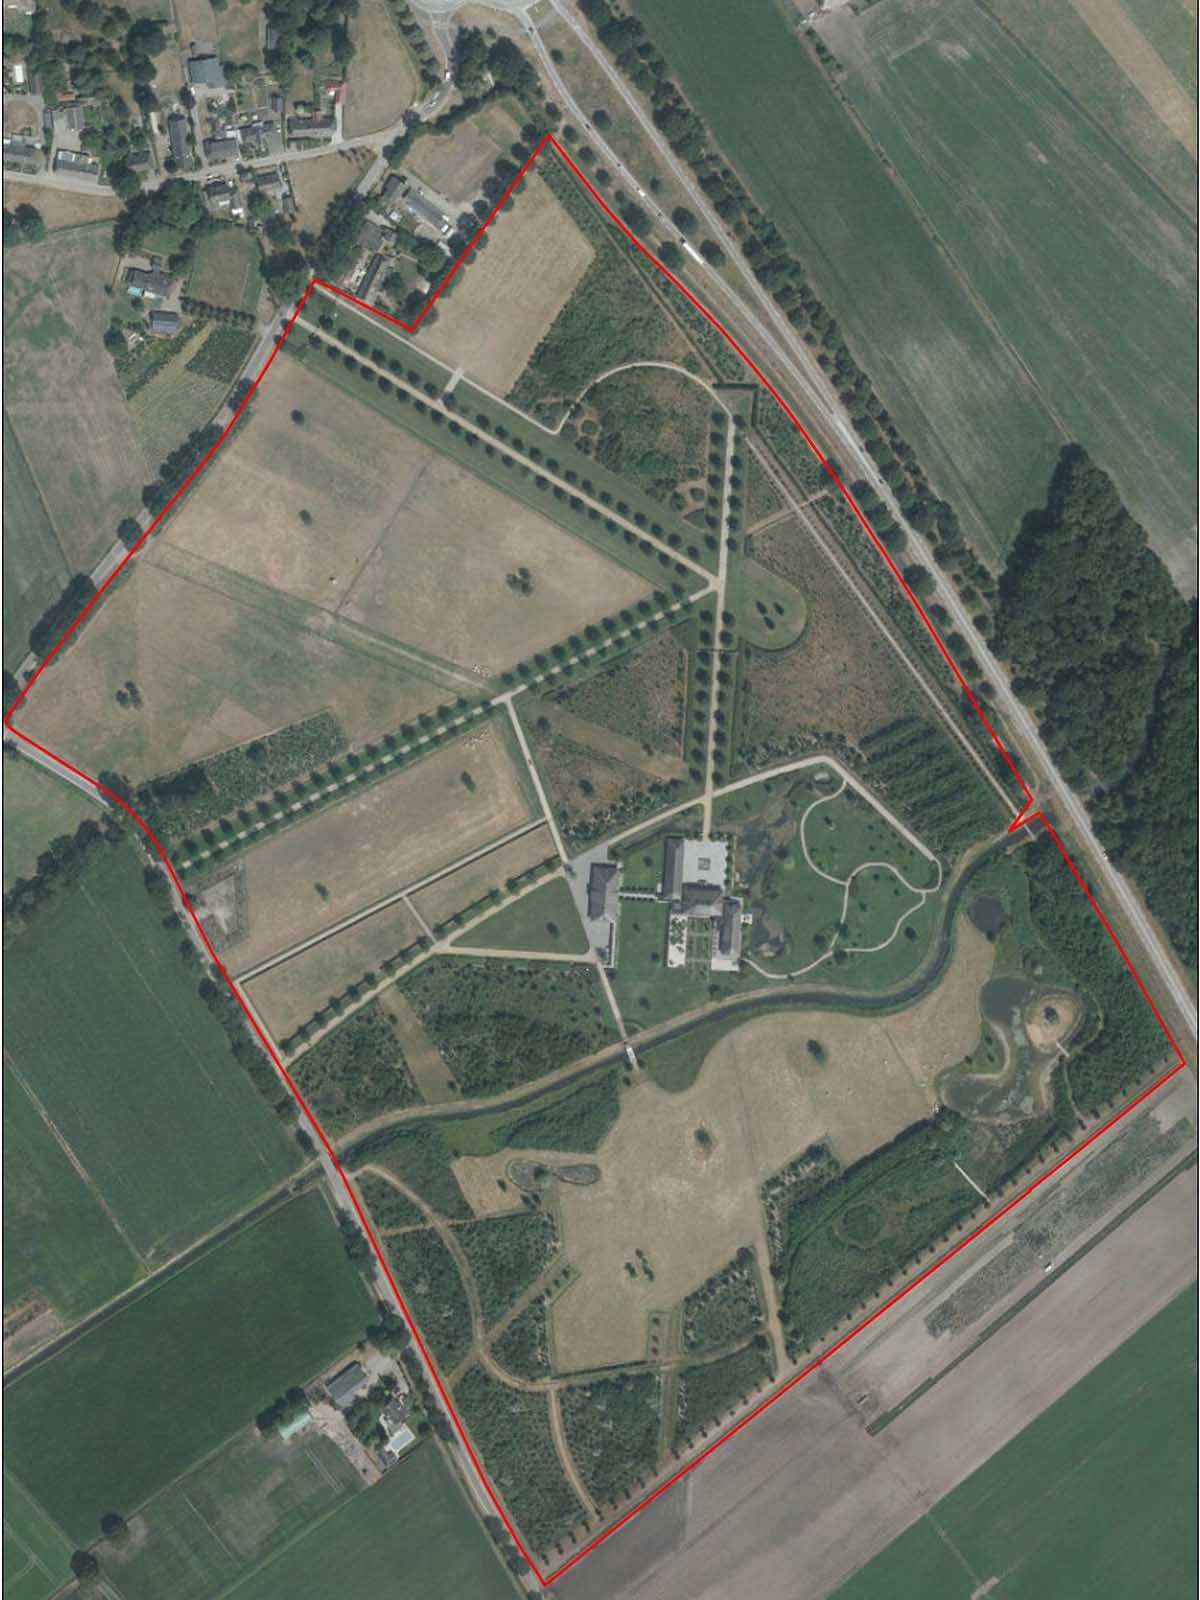 Landgoed, bureau van nierop, the art of living